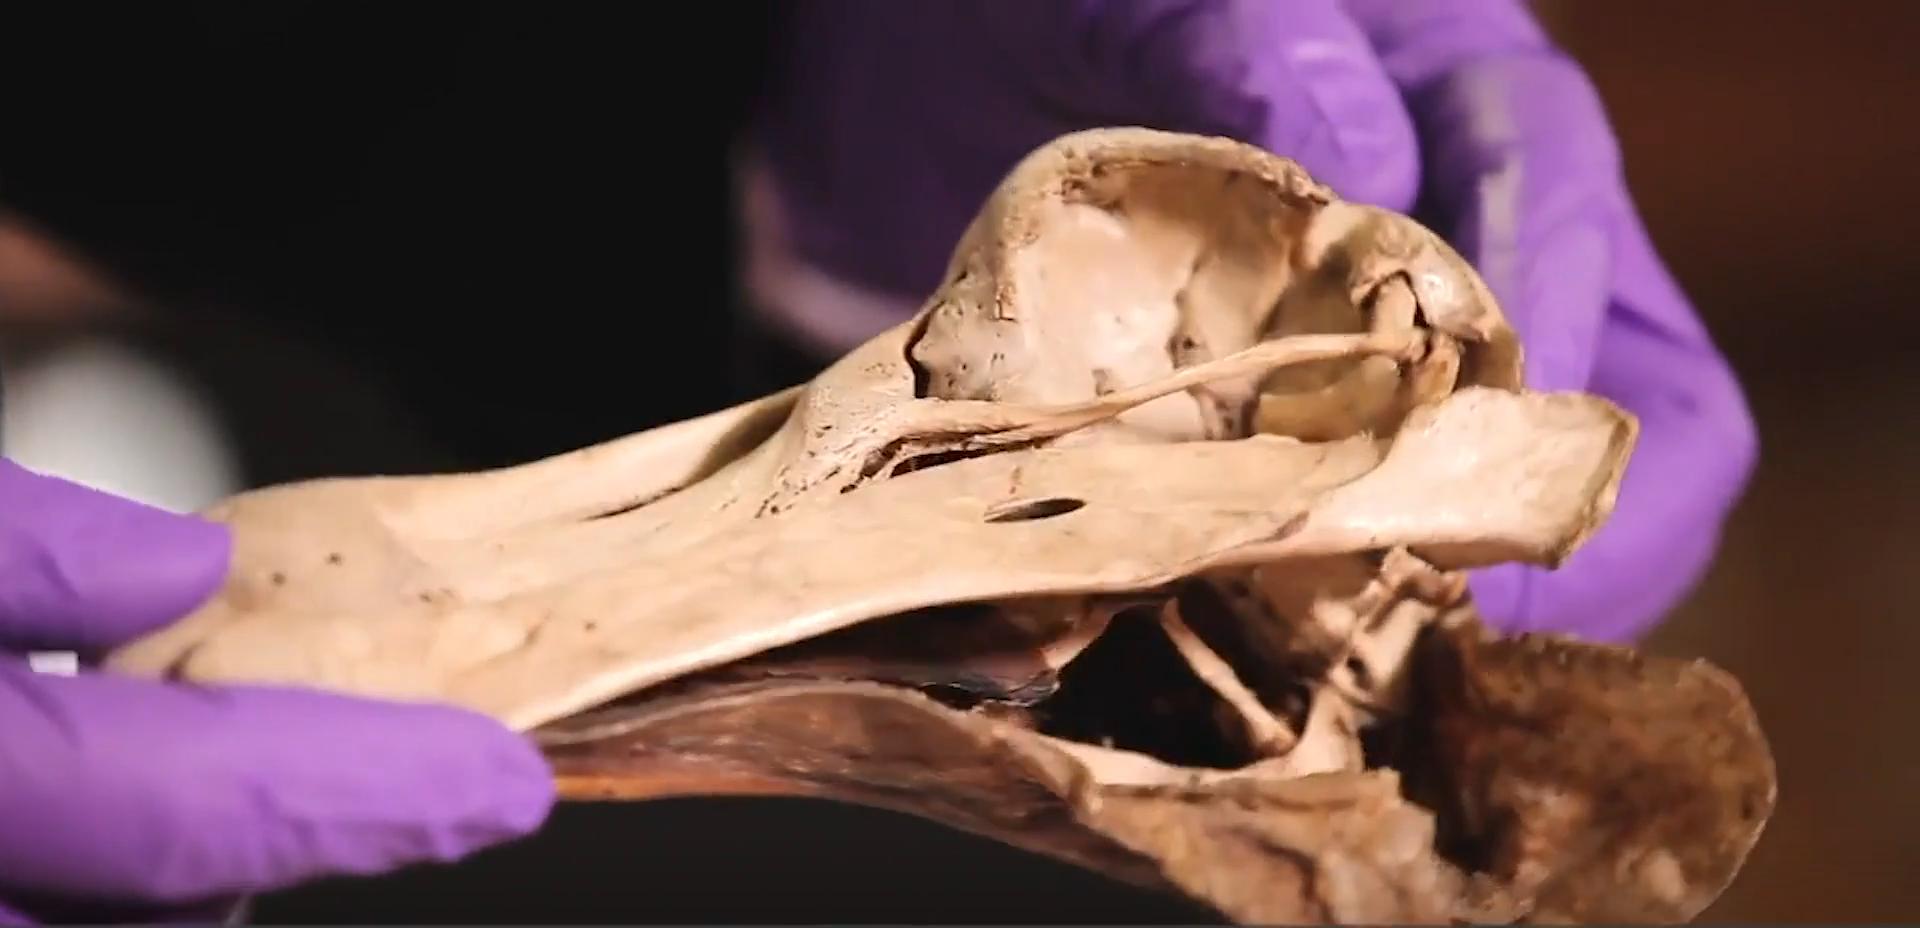 Paleontólogo analisa fóssil de um Dodô, extinto pelo ser humano há milhares de anos atras